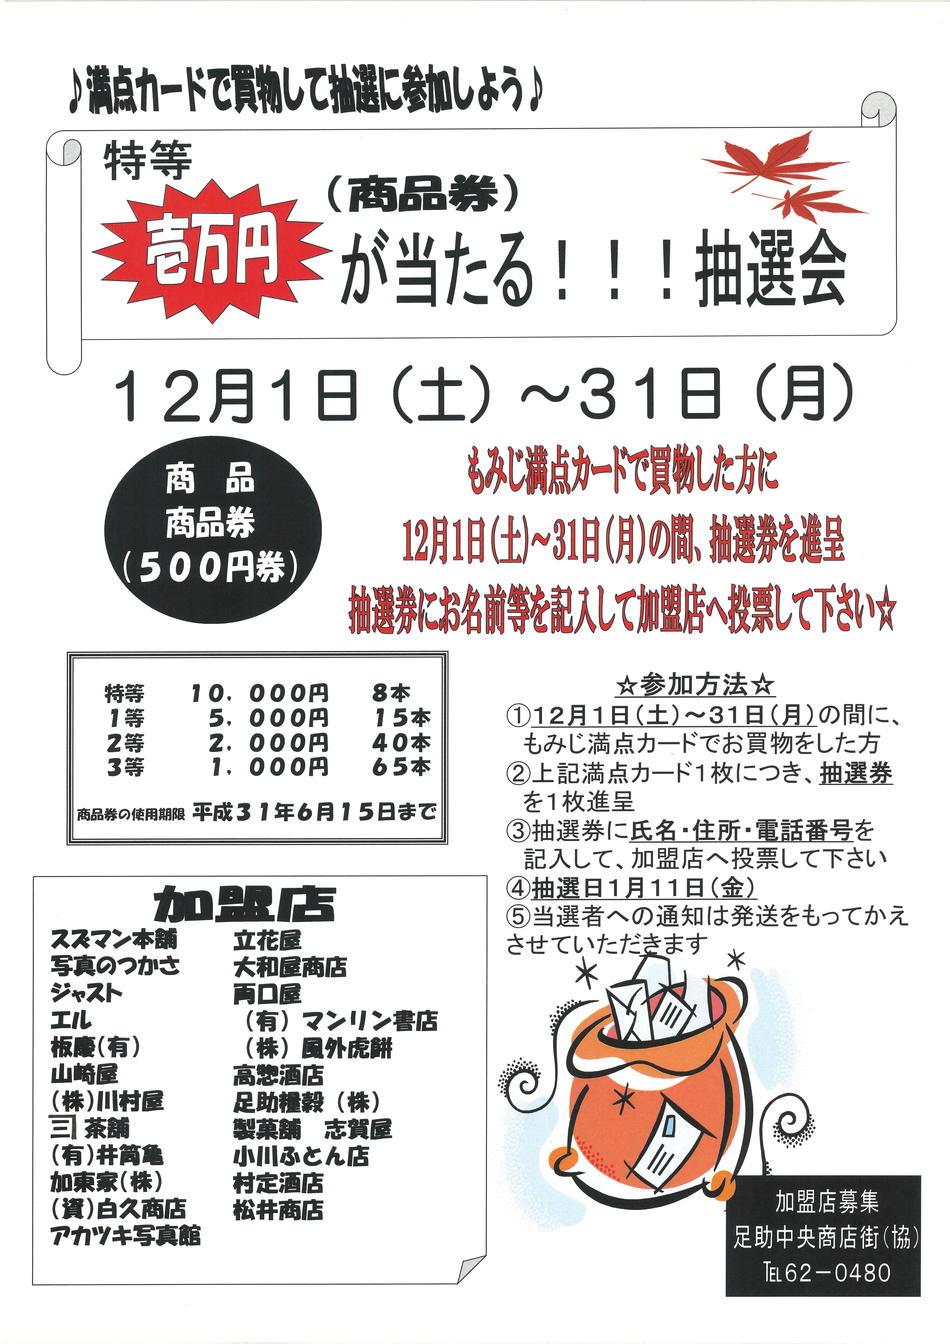 30もみじカード年末抽選会.jpg